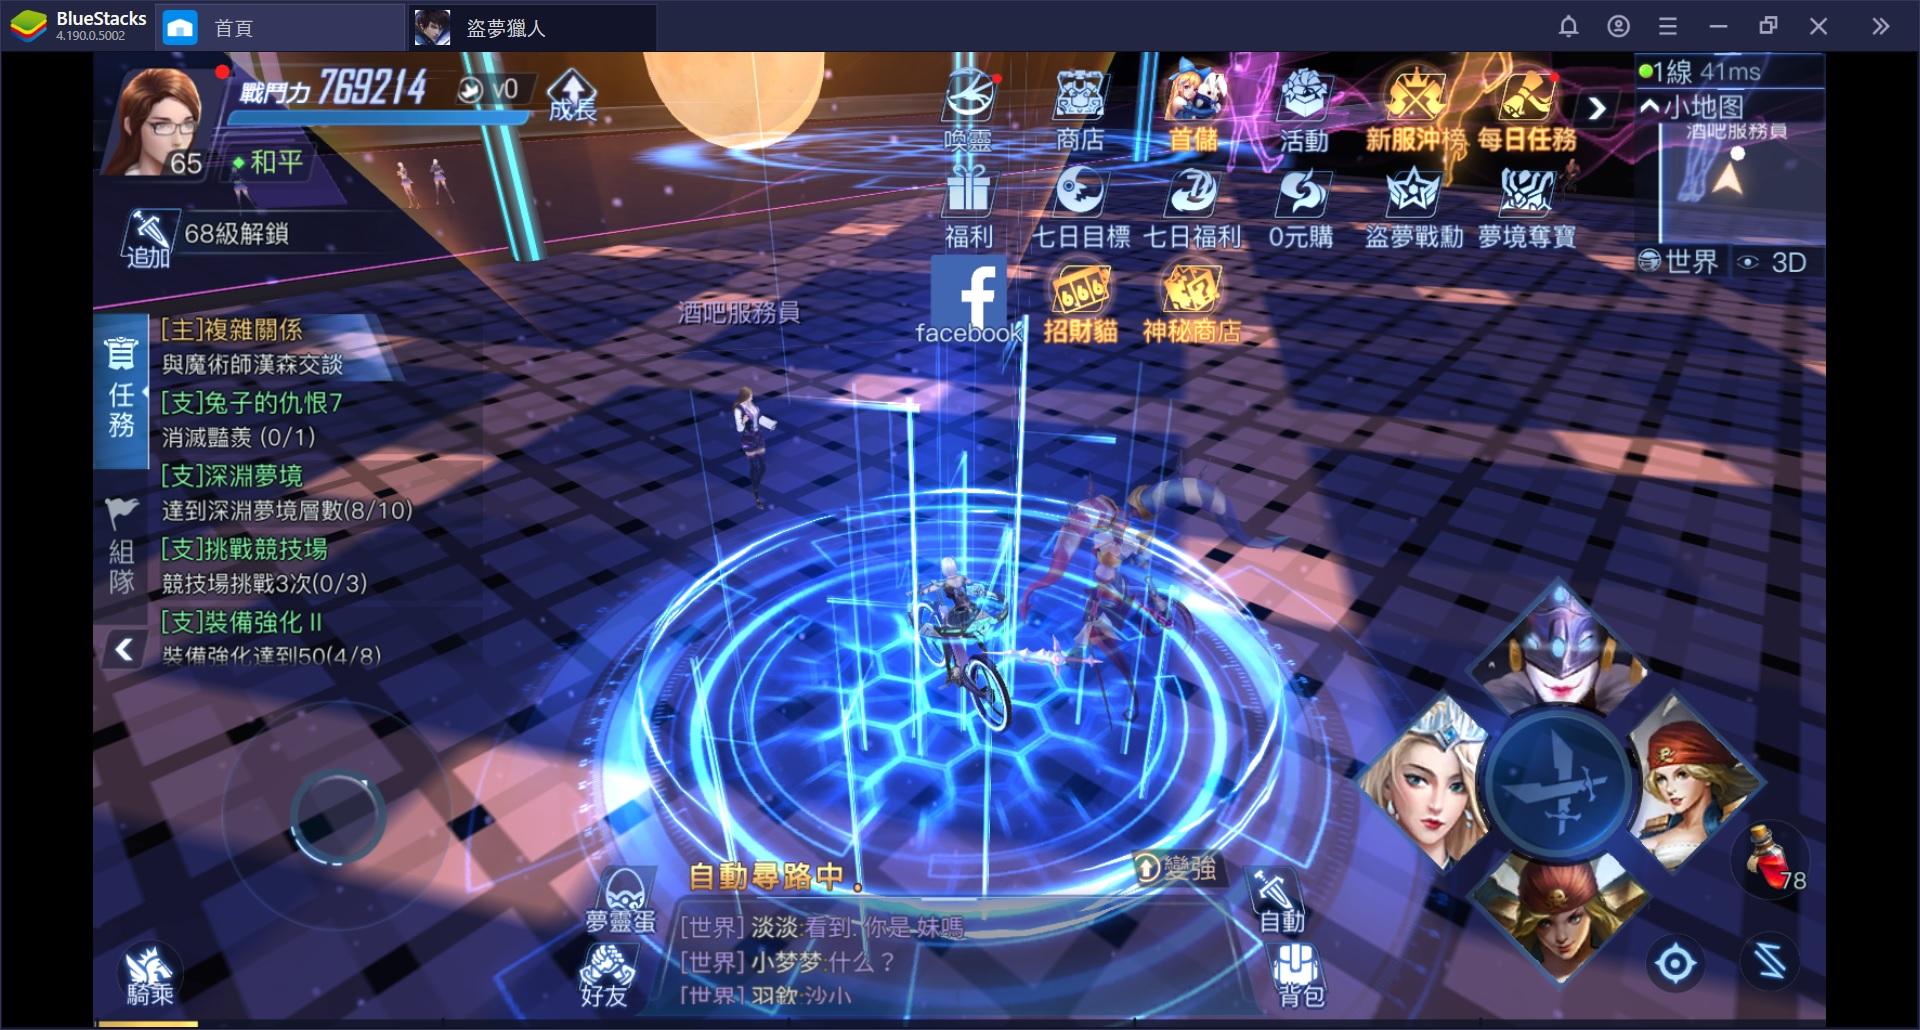 《盜夢獵人》:新手必知的遊戲功能與遊玩技巧大攻略